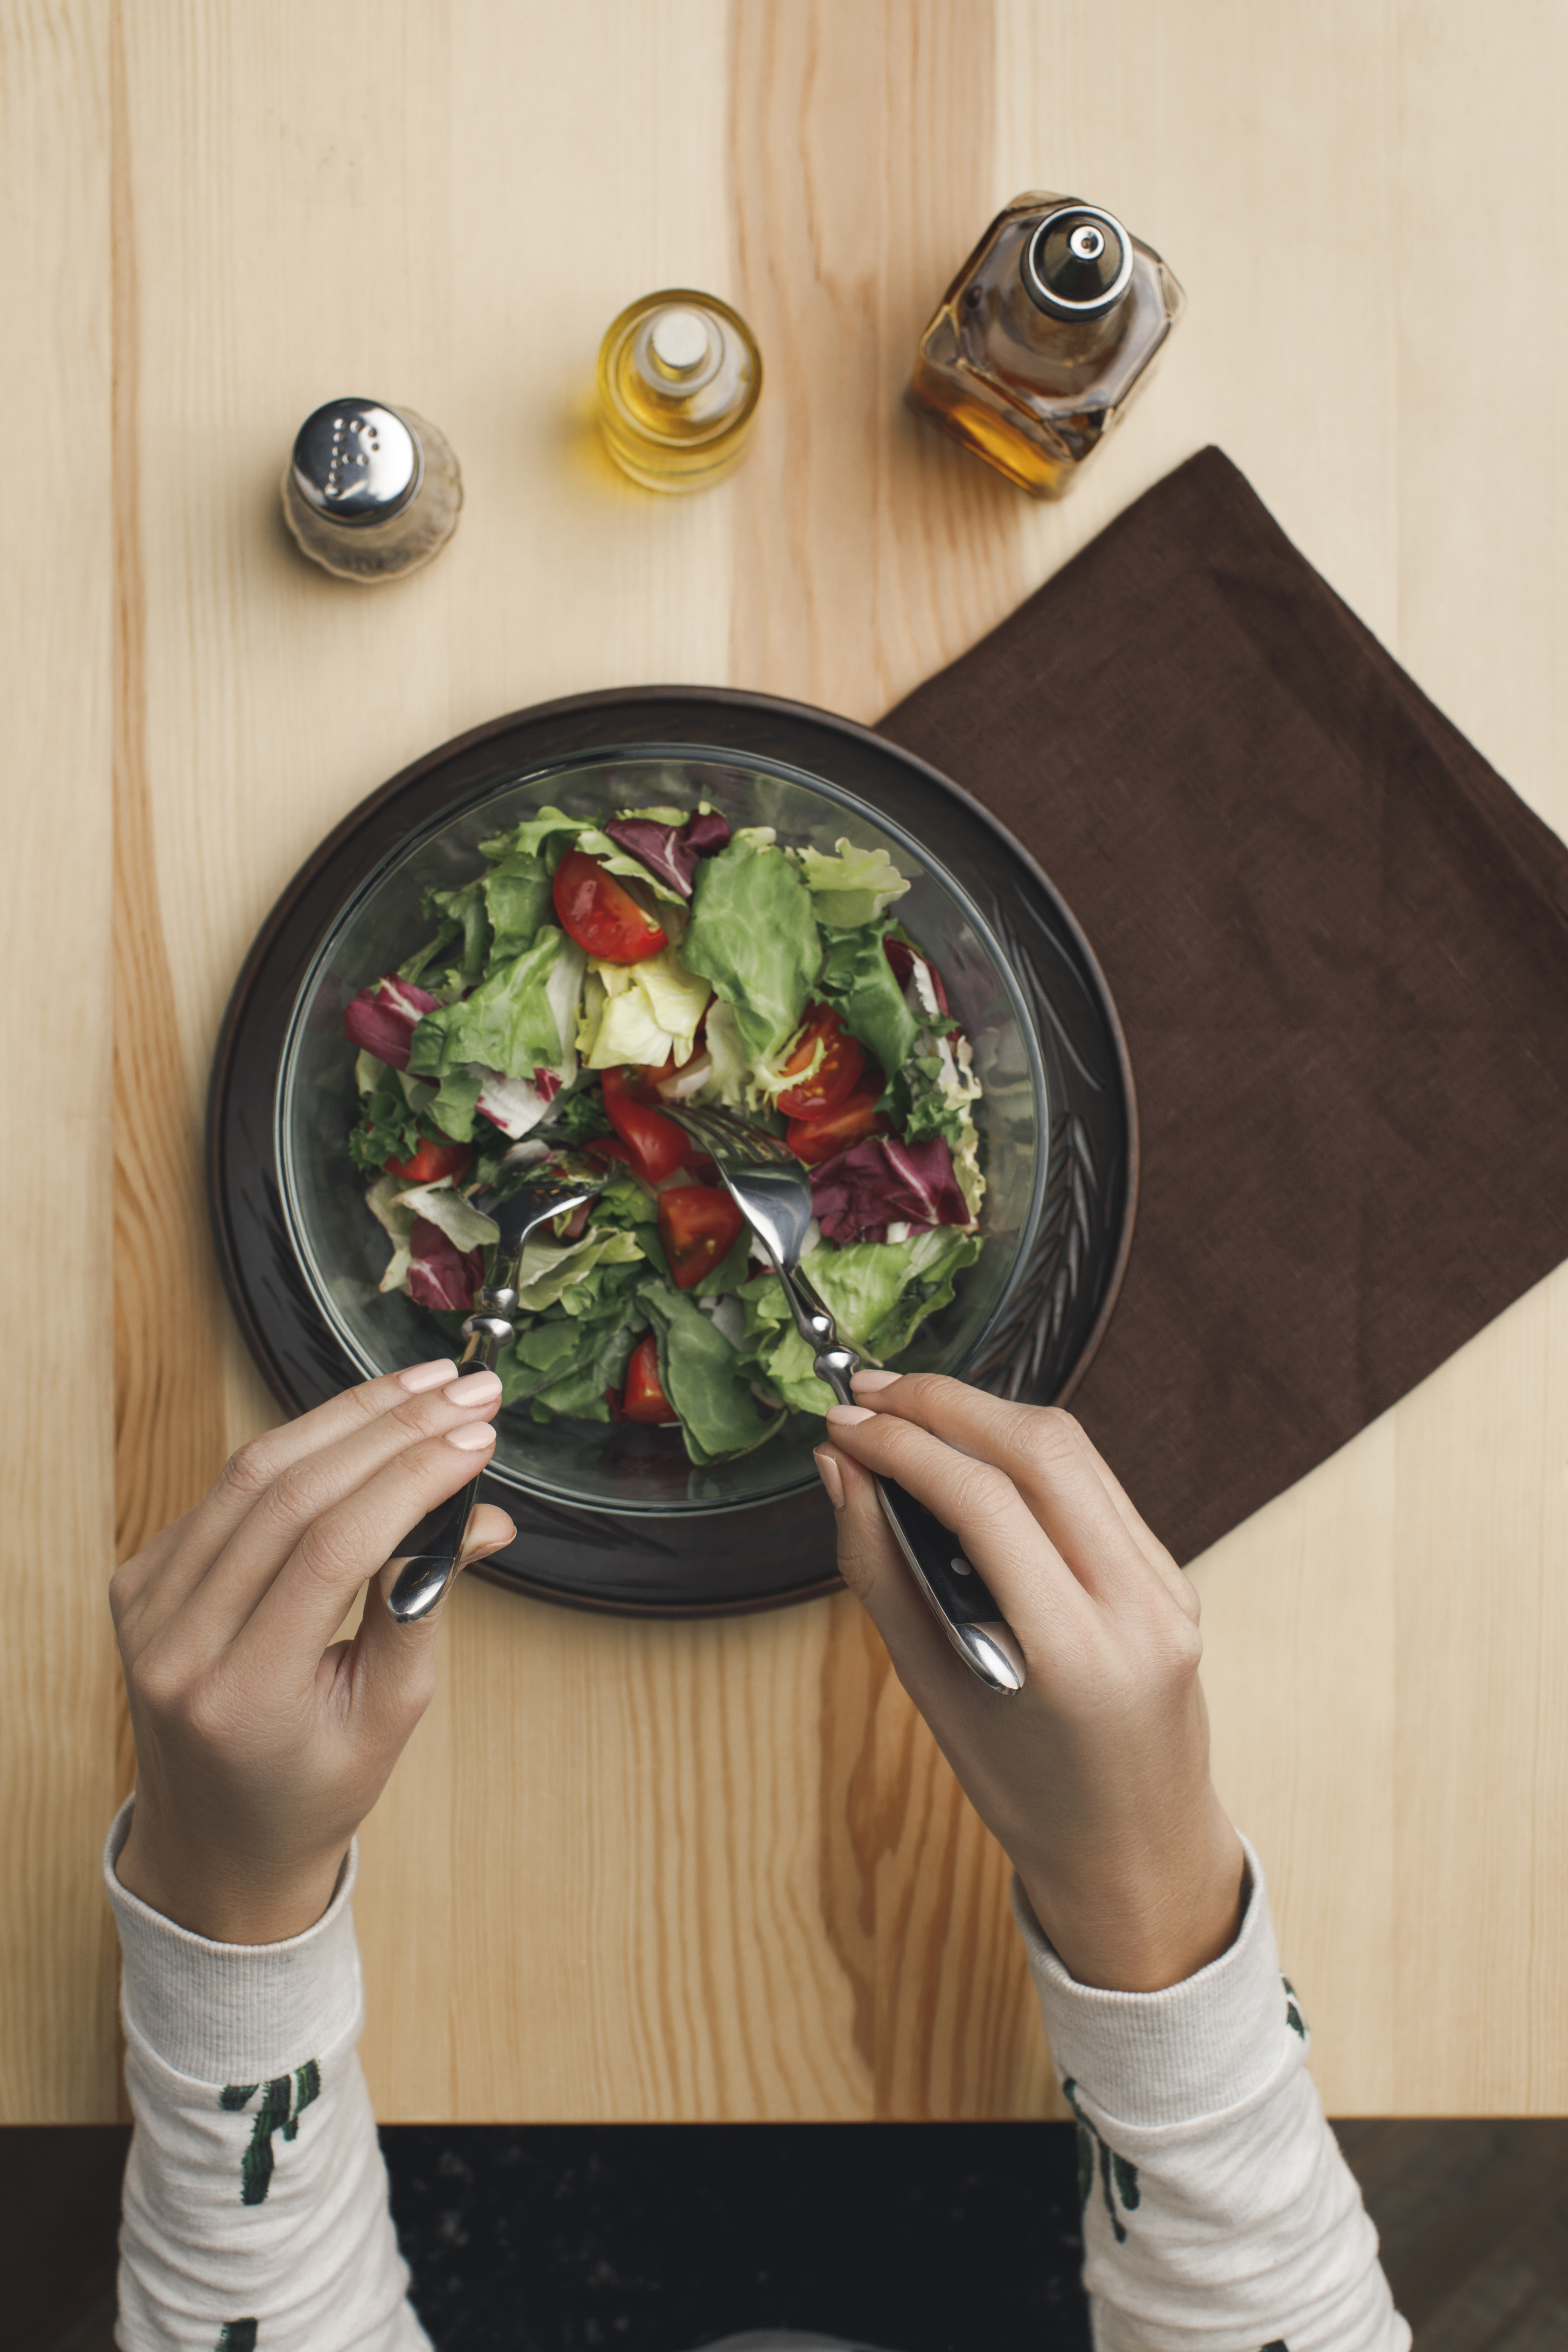 Aumentare il consumo di alimenti di origine vegetale per la prevenzione oncologica